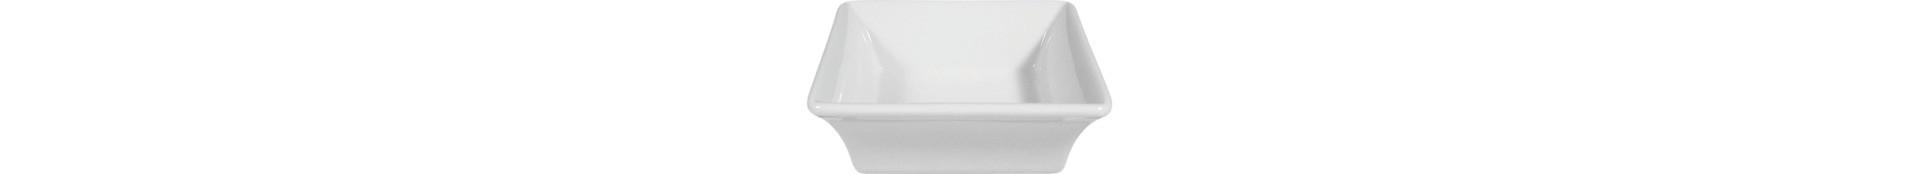 Buffet Gourmet, Schale 100 x 100 mm / 0,16 l